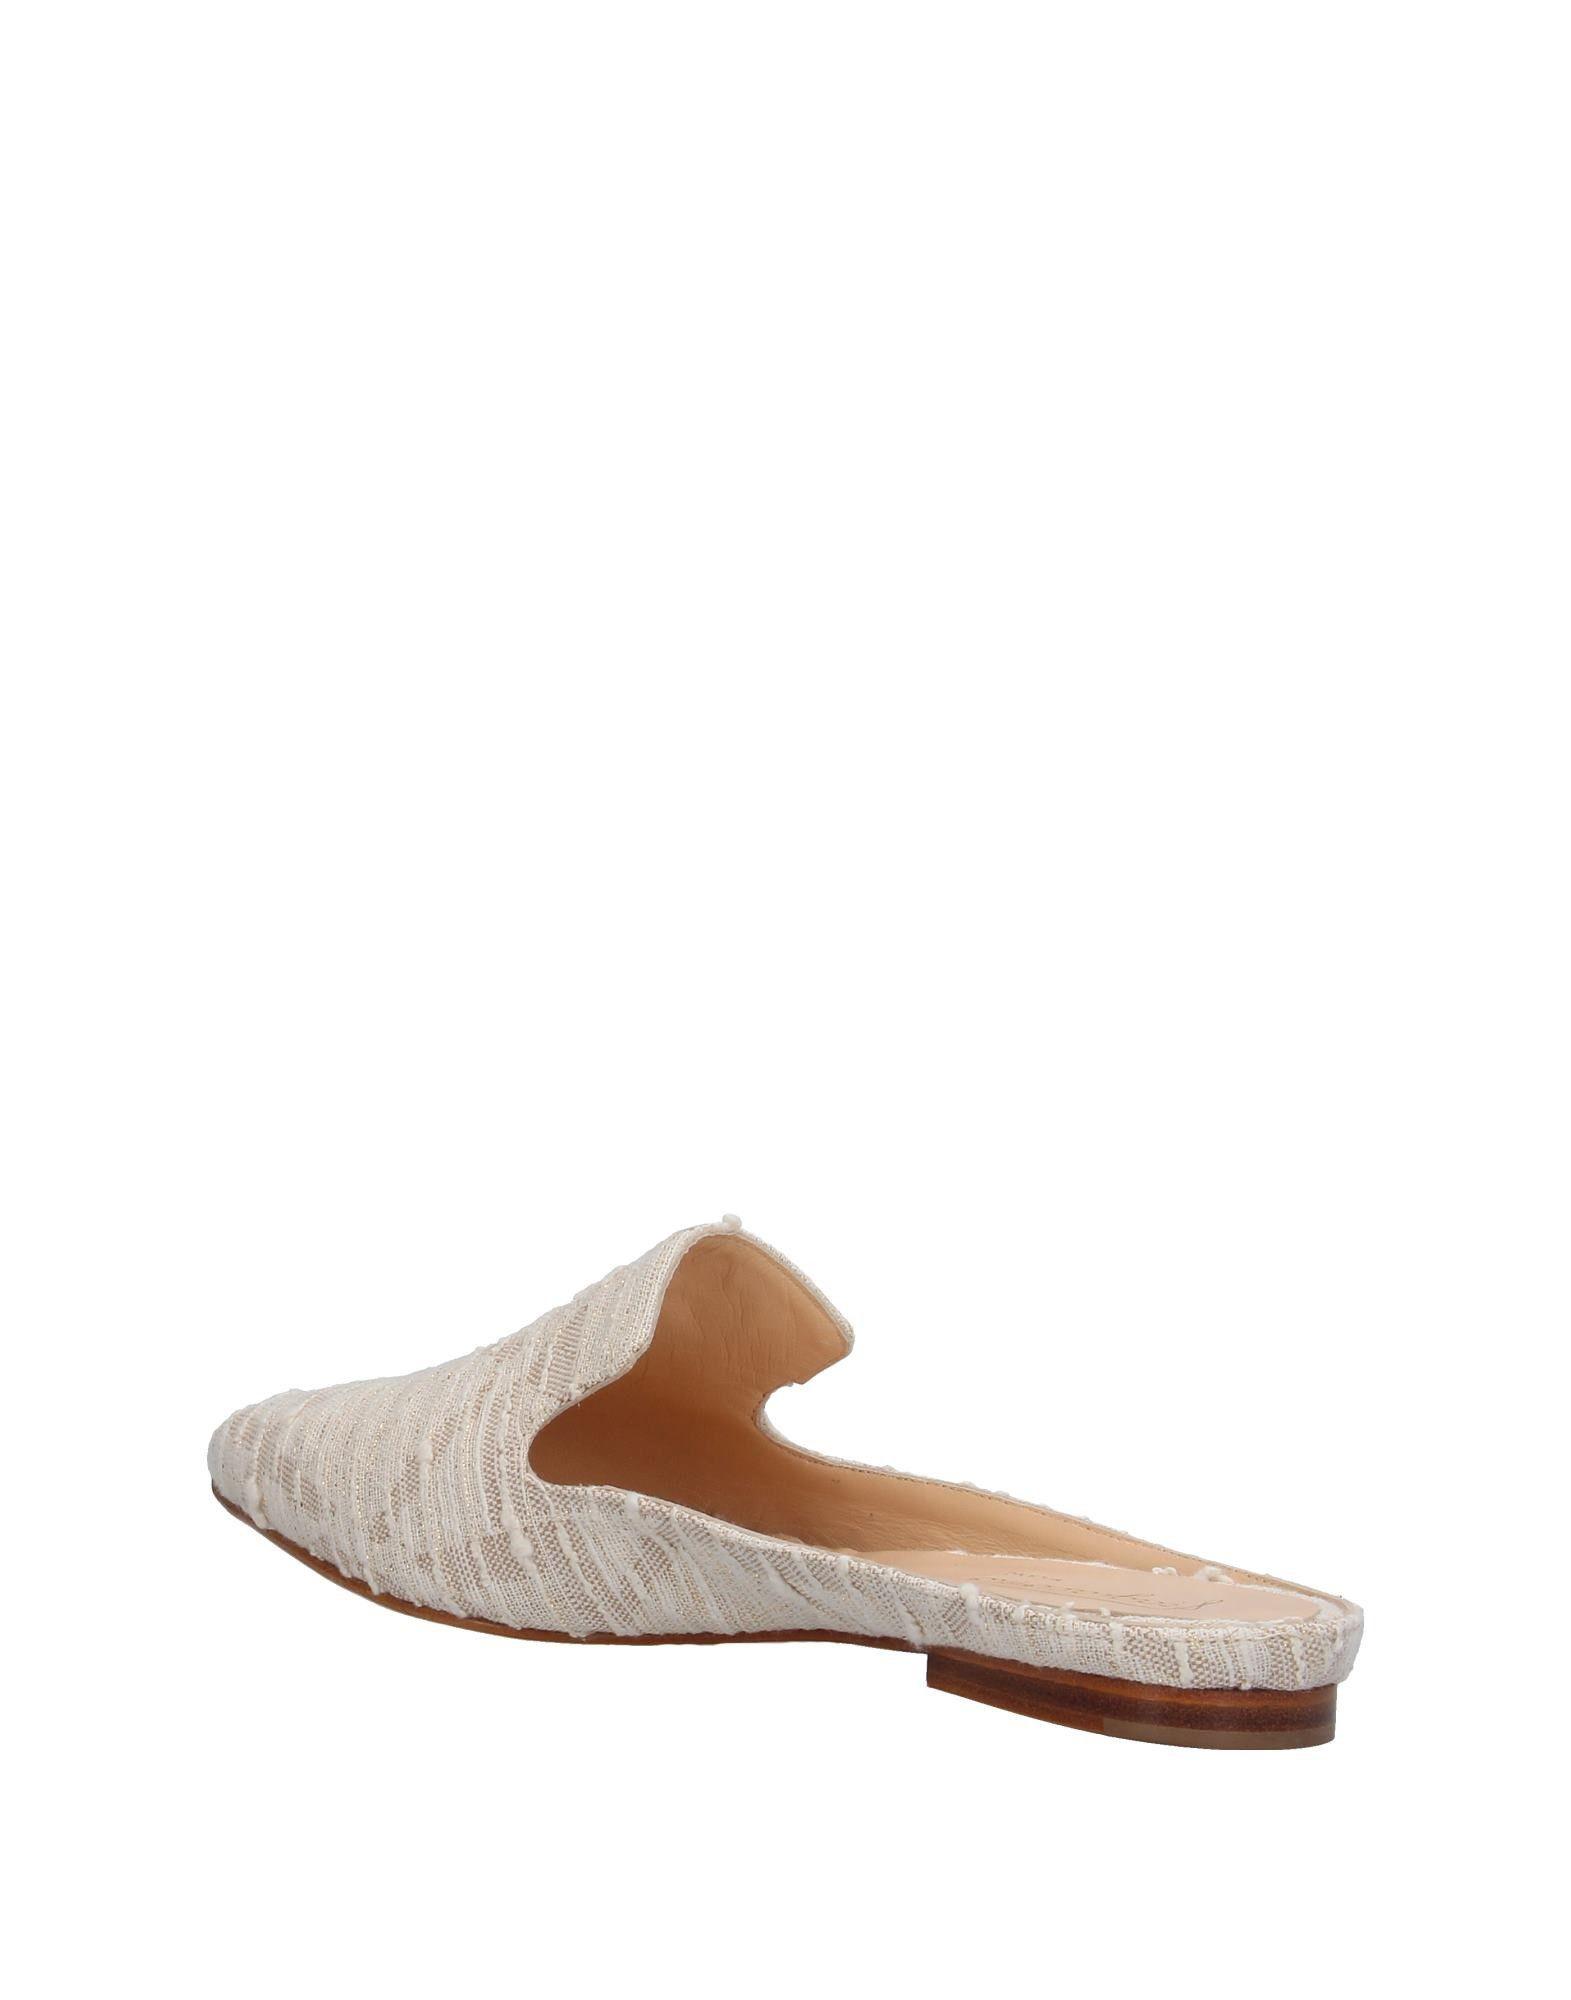 Fragiacomo Pantoletten Damen Damen Damen 11408384XP Gute Qualität beliebte Schuhe 8fad80